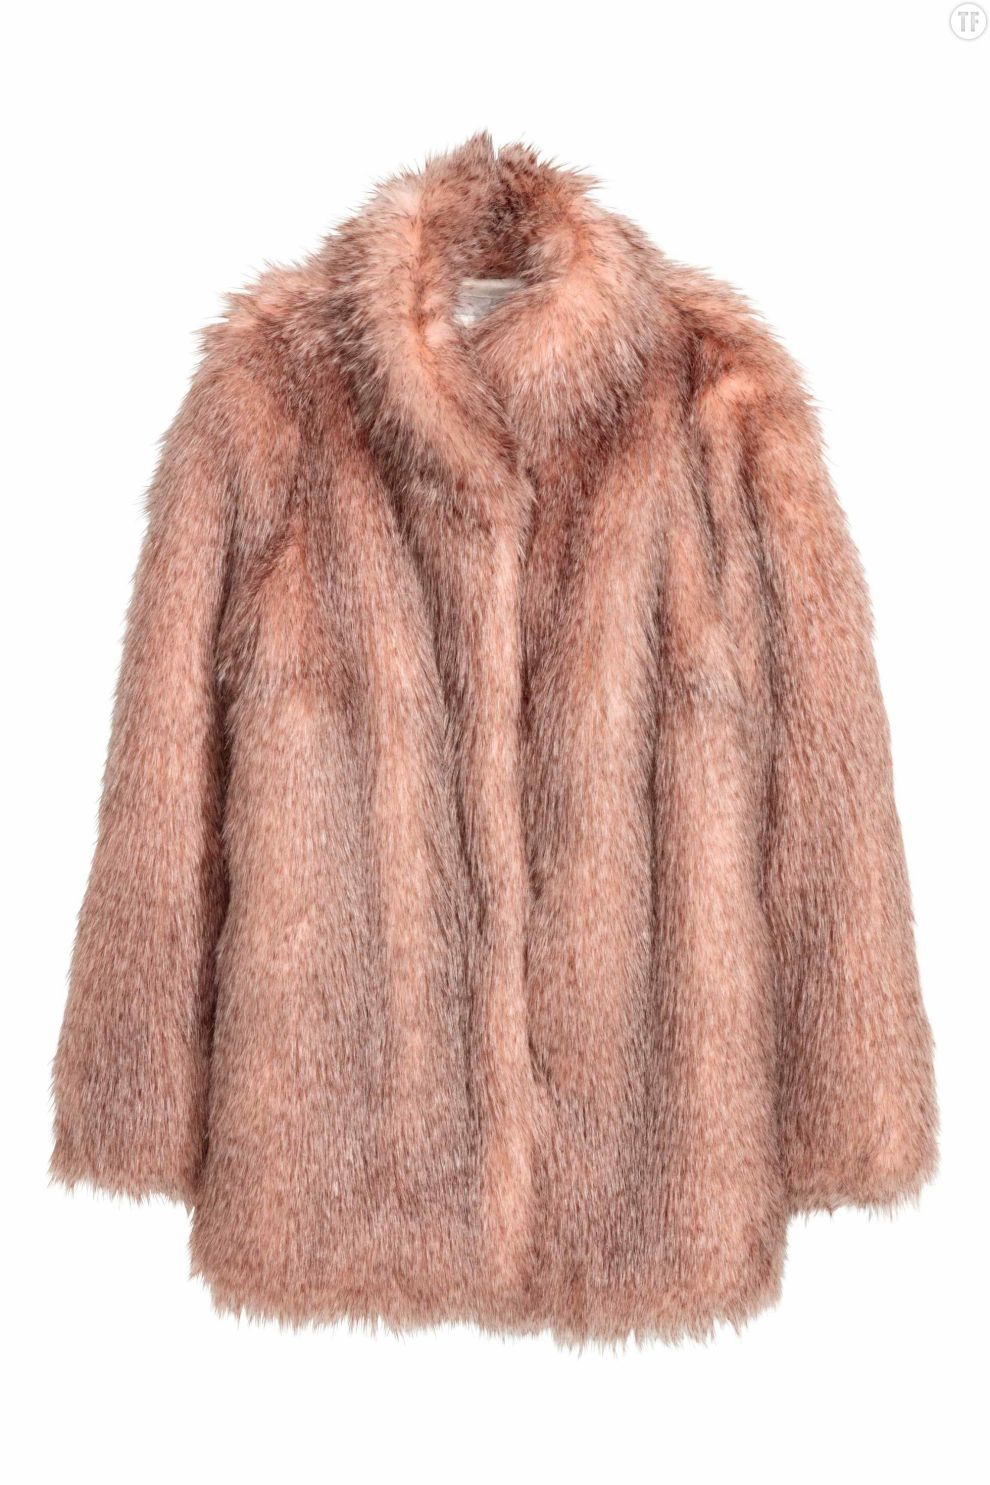 Manteau en fourrure synthétique rose H&M, 99€